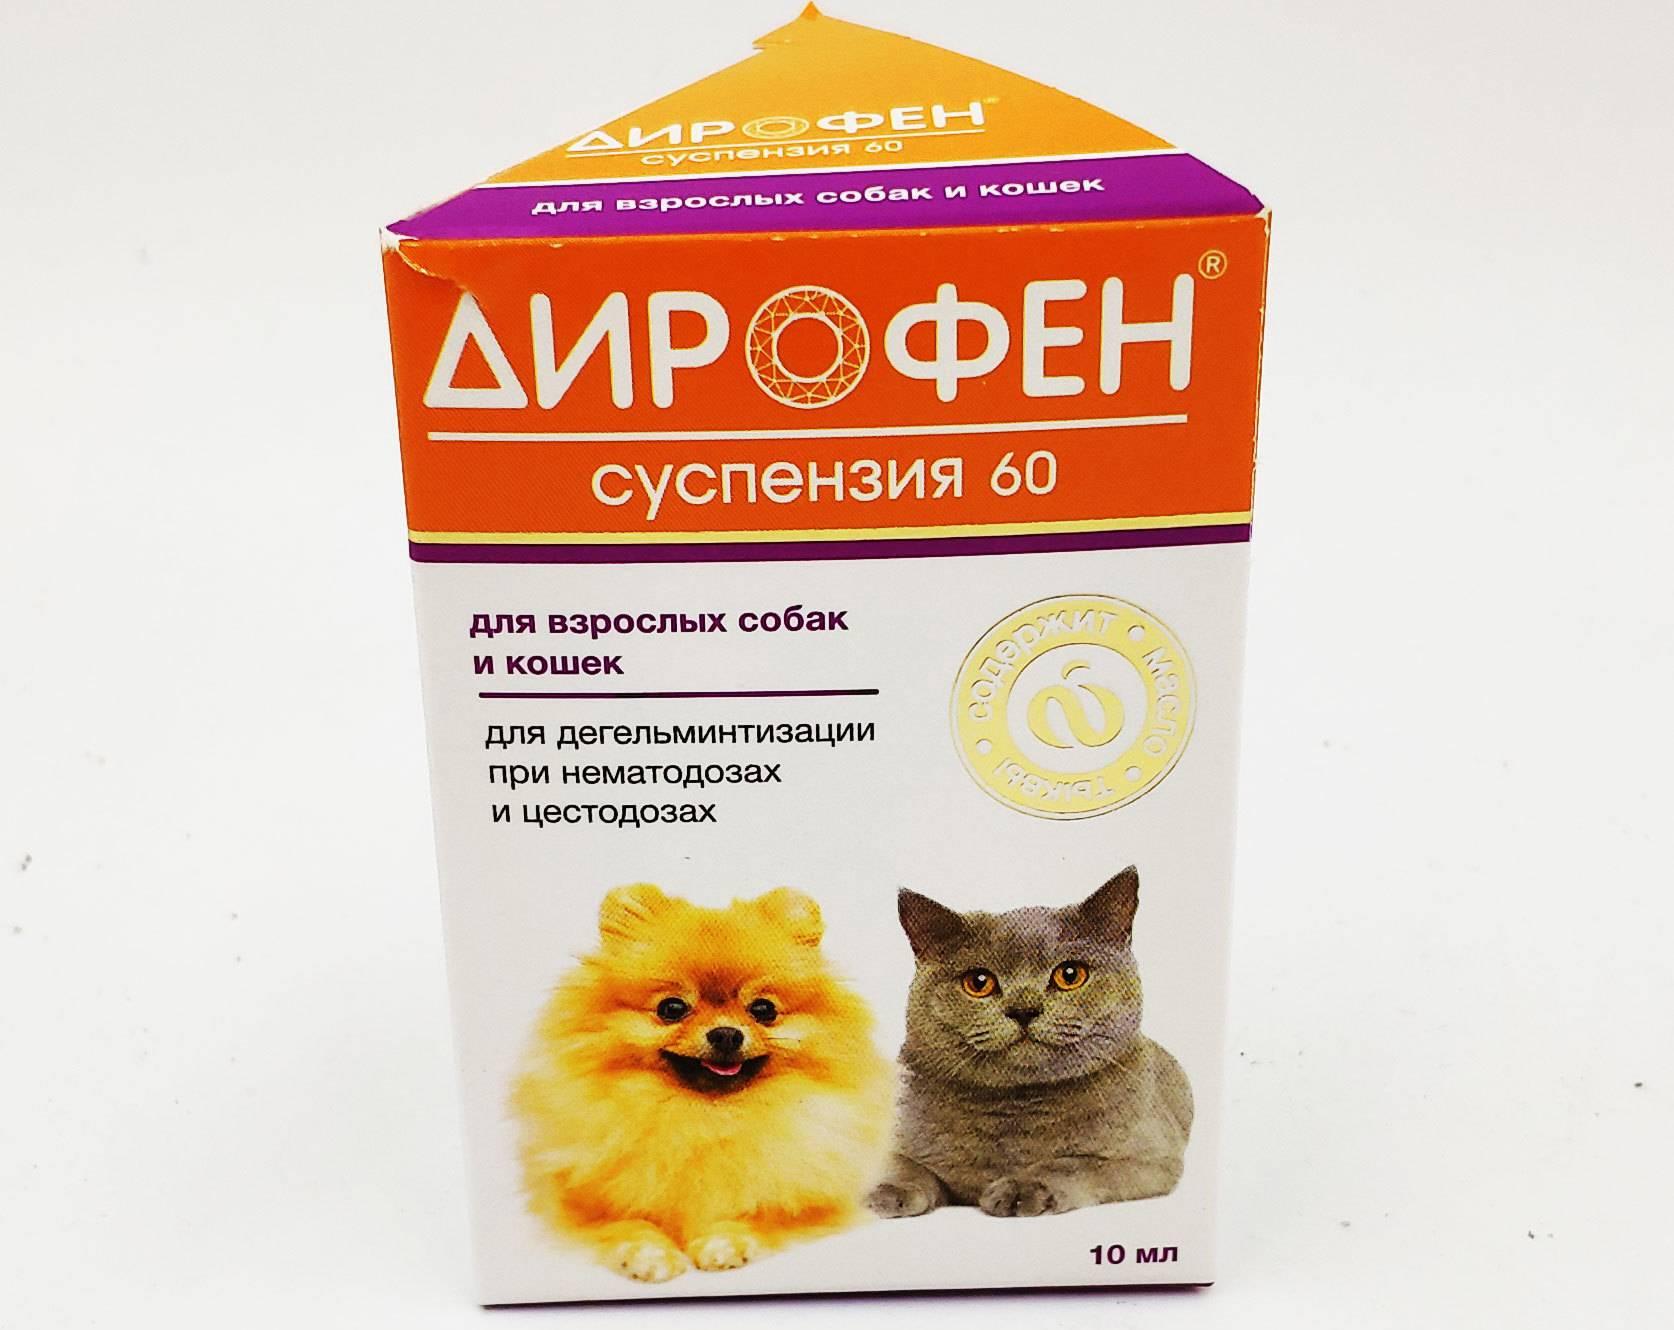 Дирофен для кошек: инструкция по применению, особенности действия и отзывы